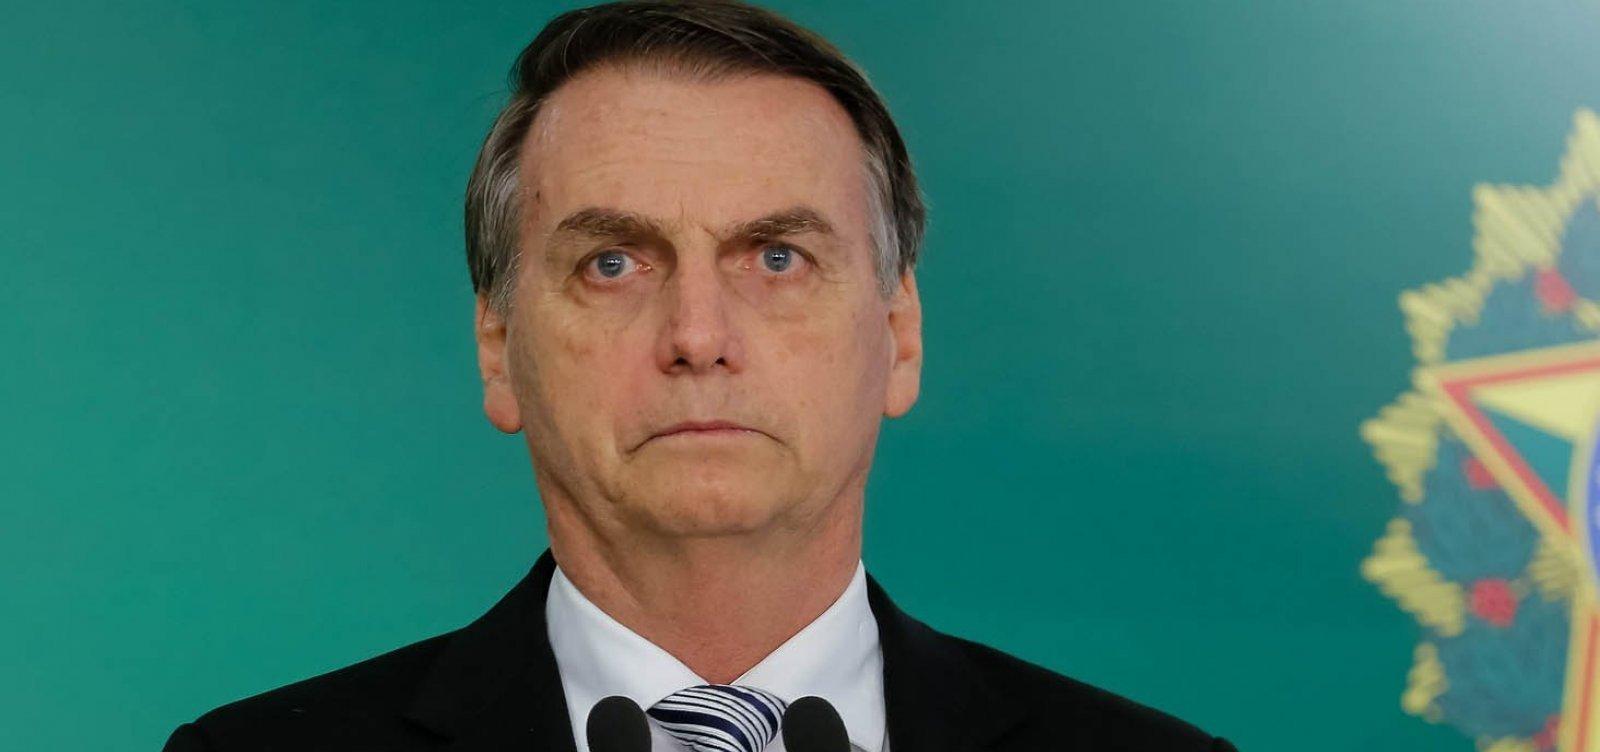 """""""Nunca foi por saúde"""", diz Bolsonaro ao criticar vandalismo durante manifestação em SP"""